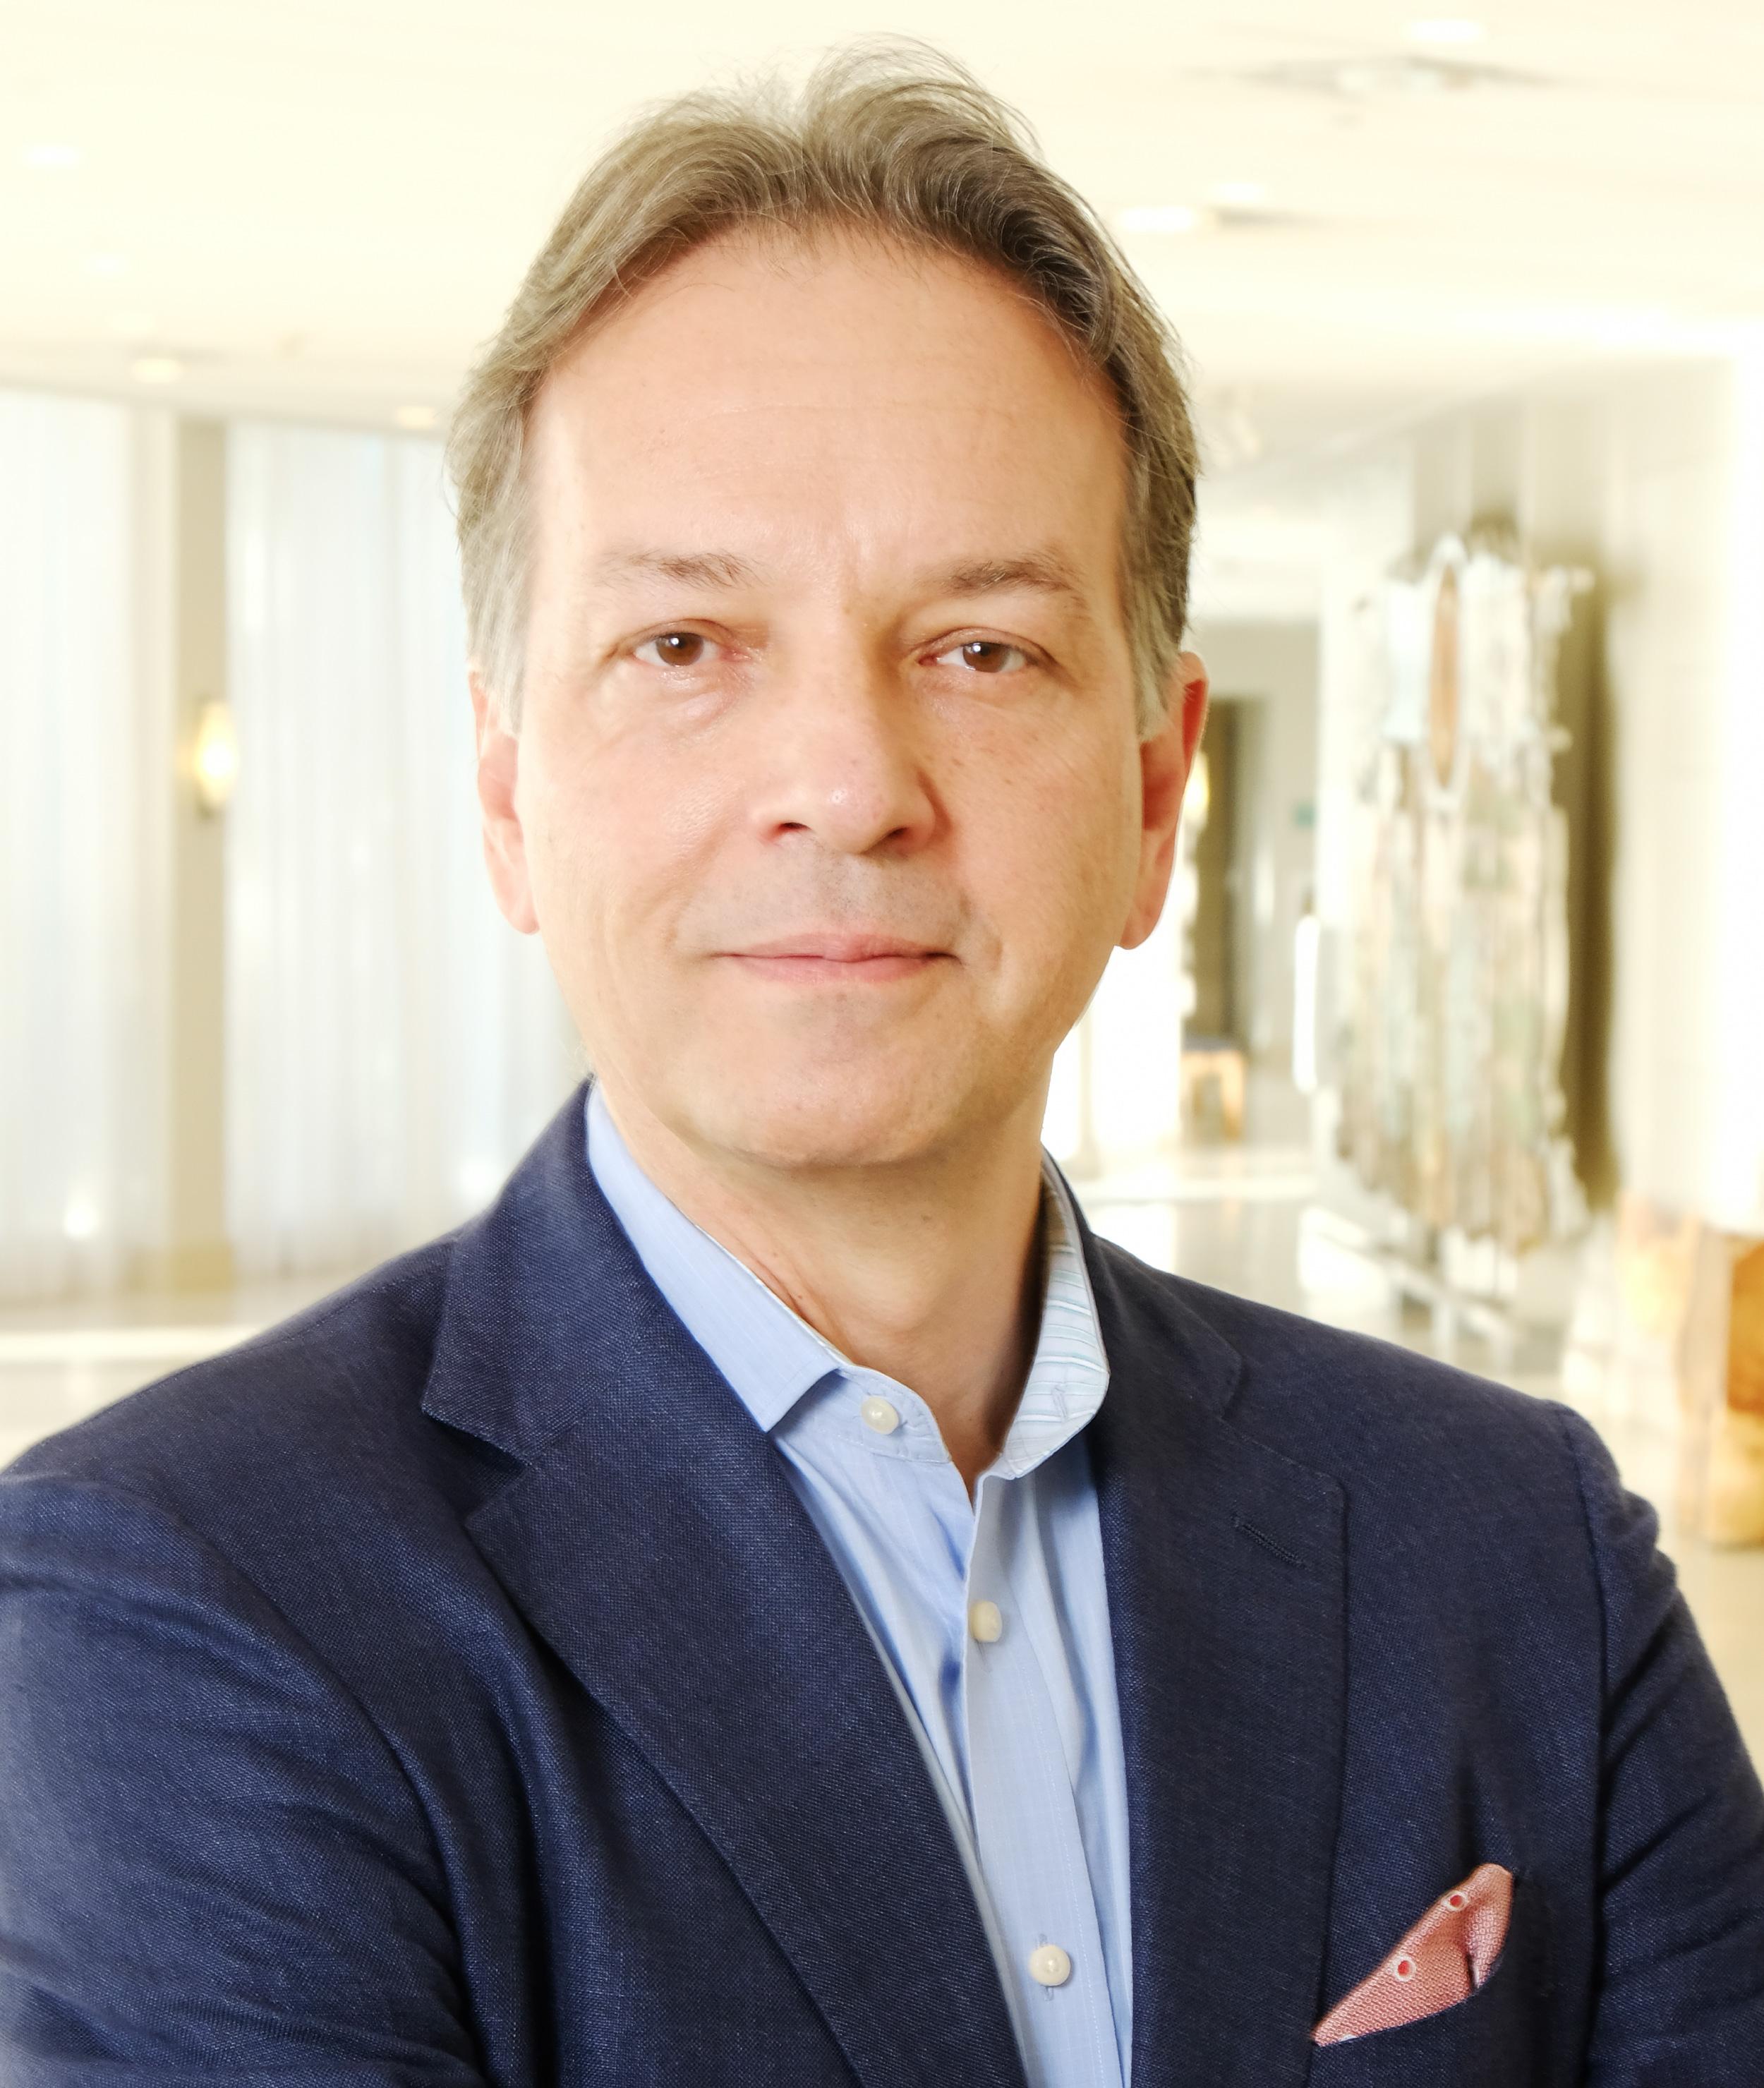 Srdjan (Serge) Loncar, Head of Patient Engagement Solutions